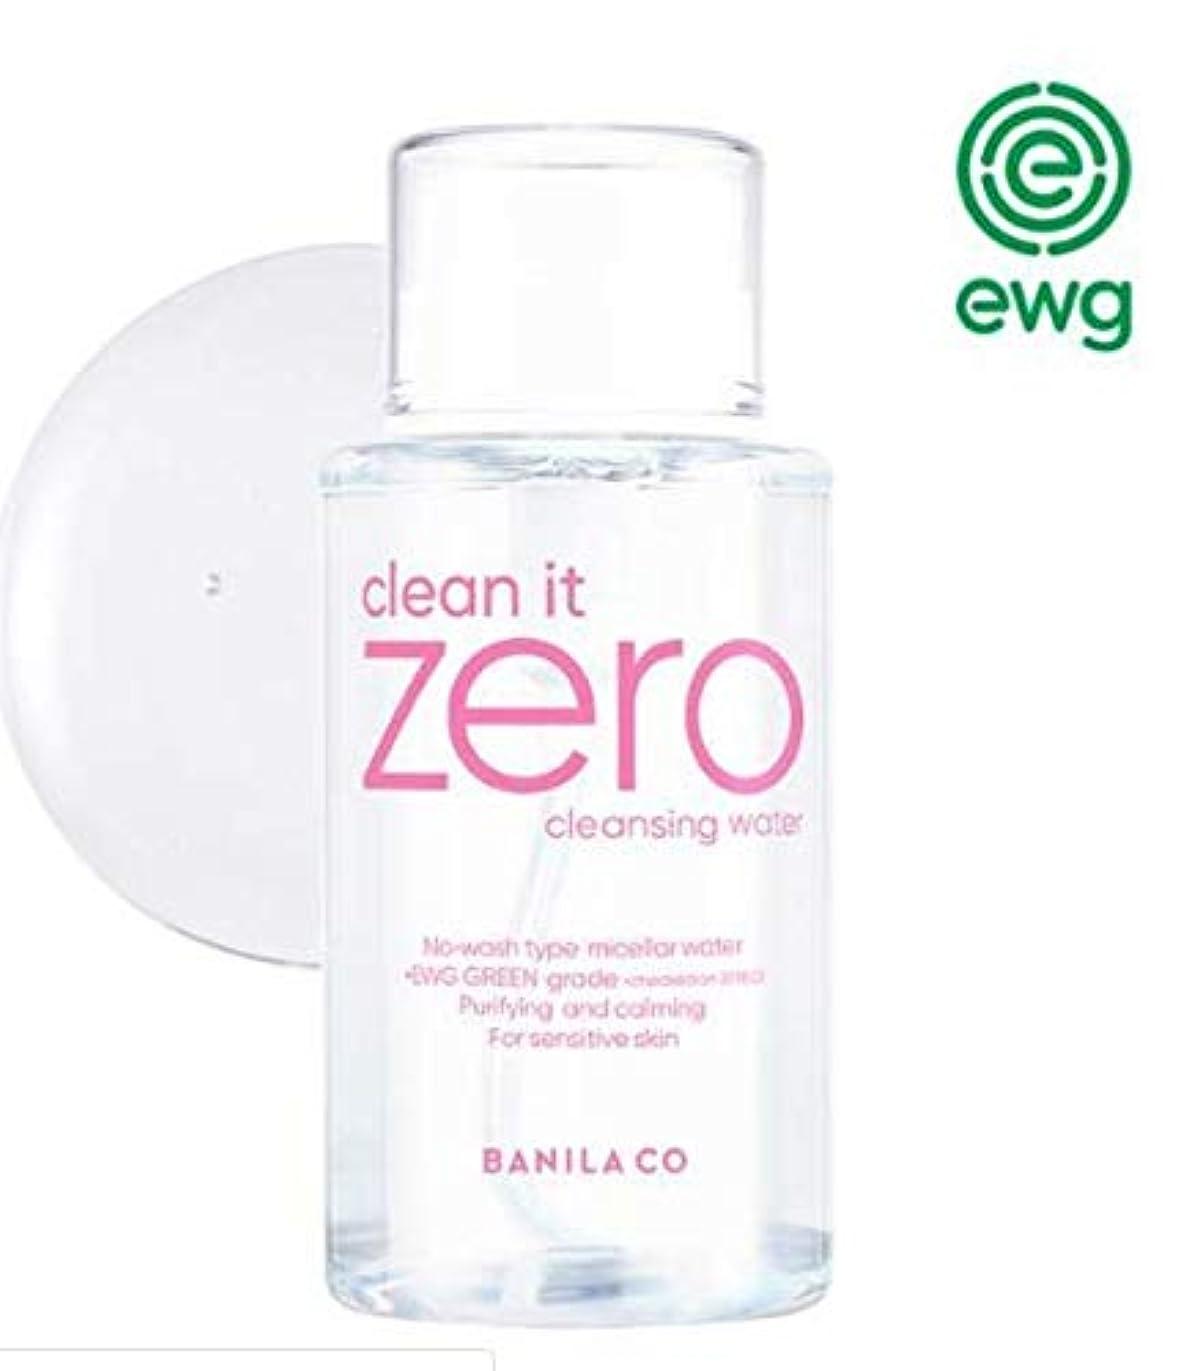 スピリチュアル検出器土地banilaco クリーンイットゼロクレンジングウォーター/Clean It Zero Cleansing Water 310ml [並行輸入品]